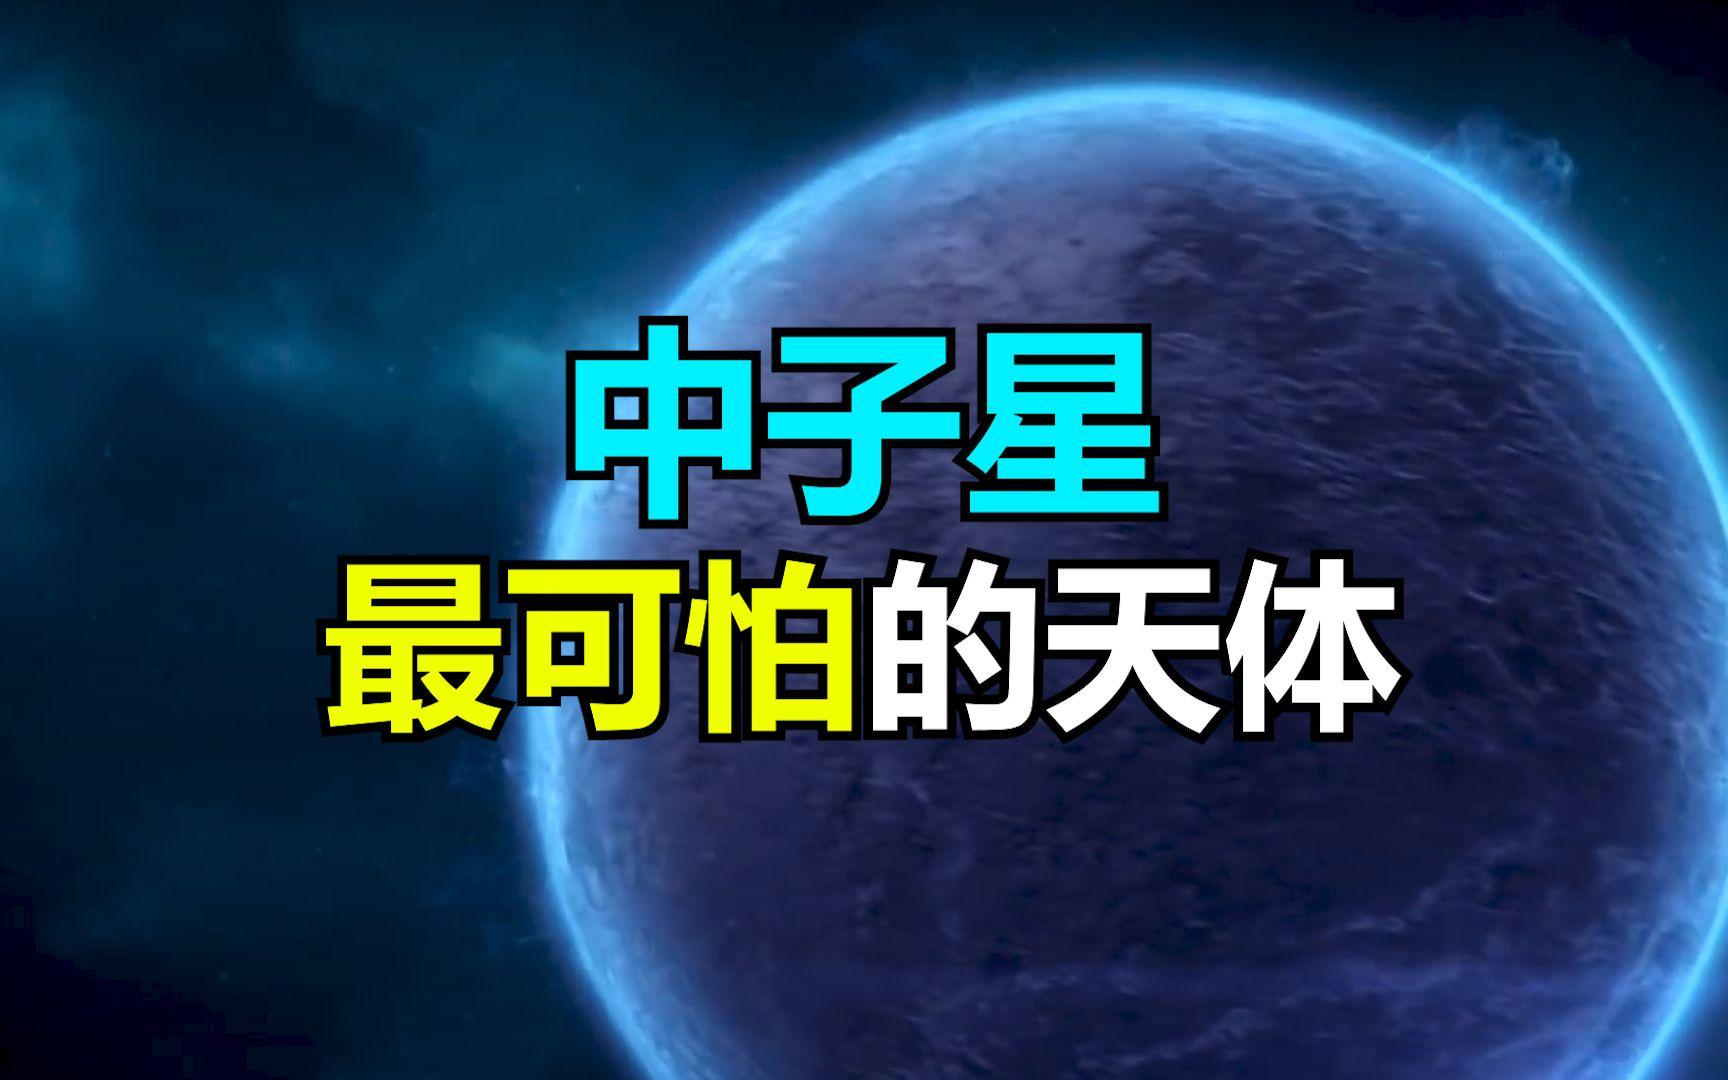 中子星: 宇宙中最可怕的天体, 一颗冰糖大小的中子星就能毁灭地球